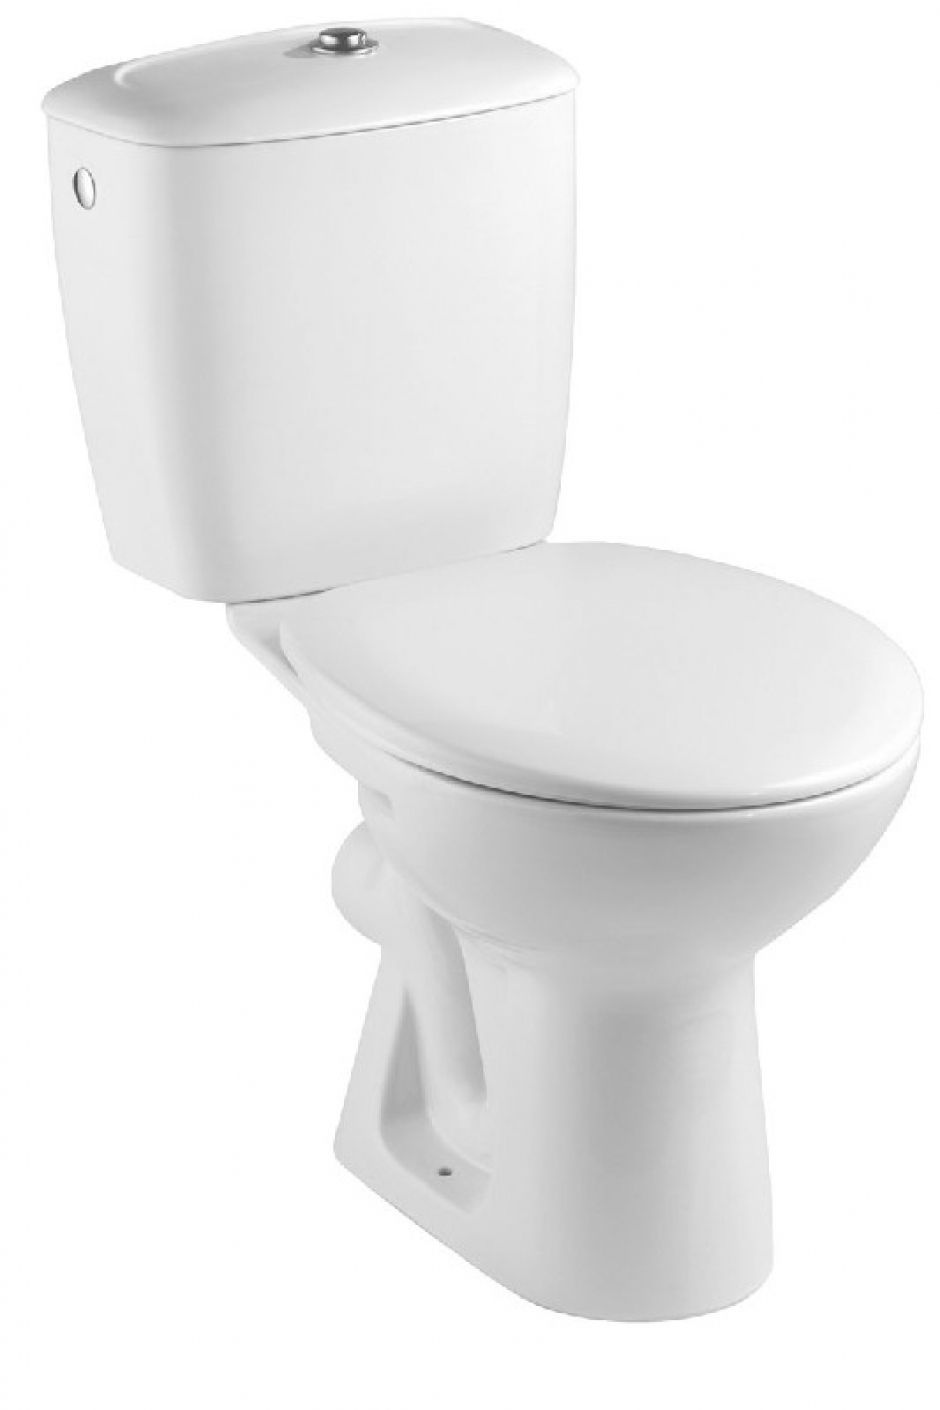 Cuvette Wc Sortie Horizontale : salle de bain pack wc pack wc neo cuvette de wc sortie horizontale r serv 3 6 litres ~ Nature-et-papiers.com Idées de Décoration